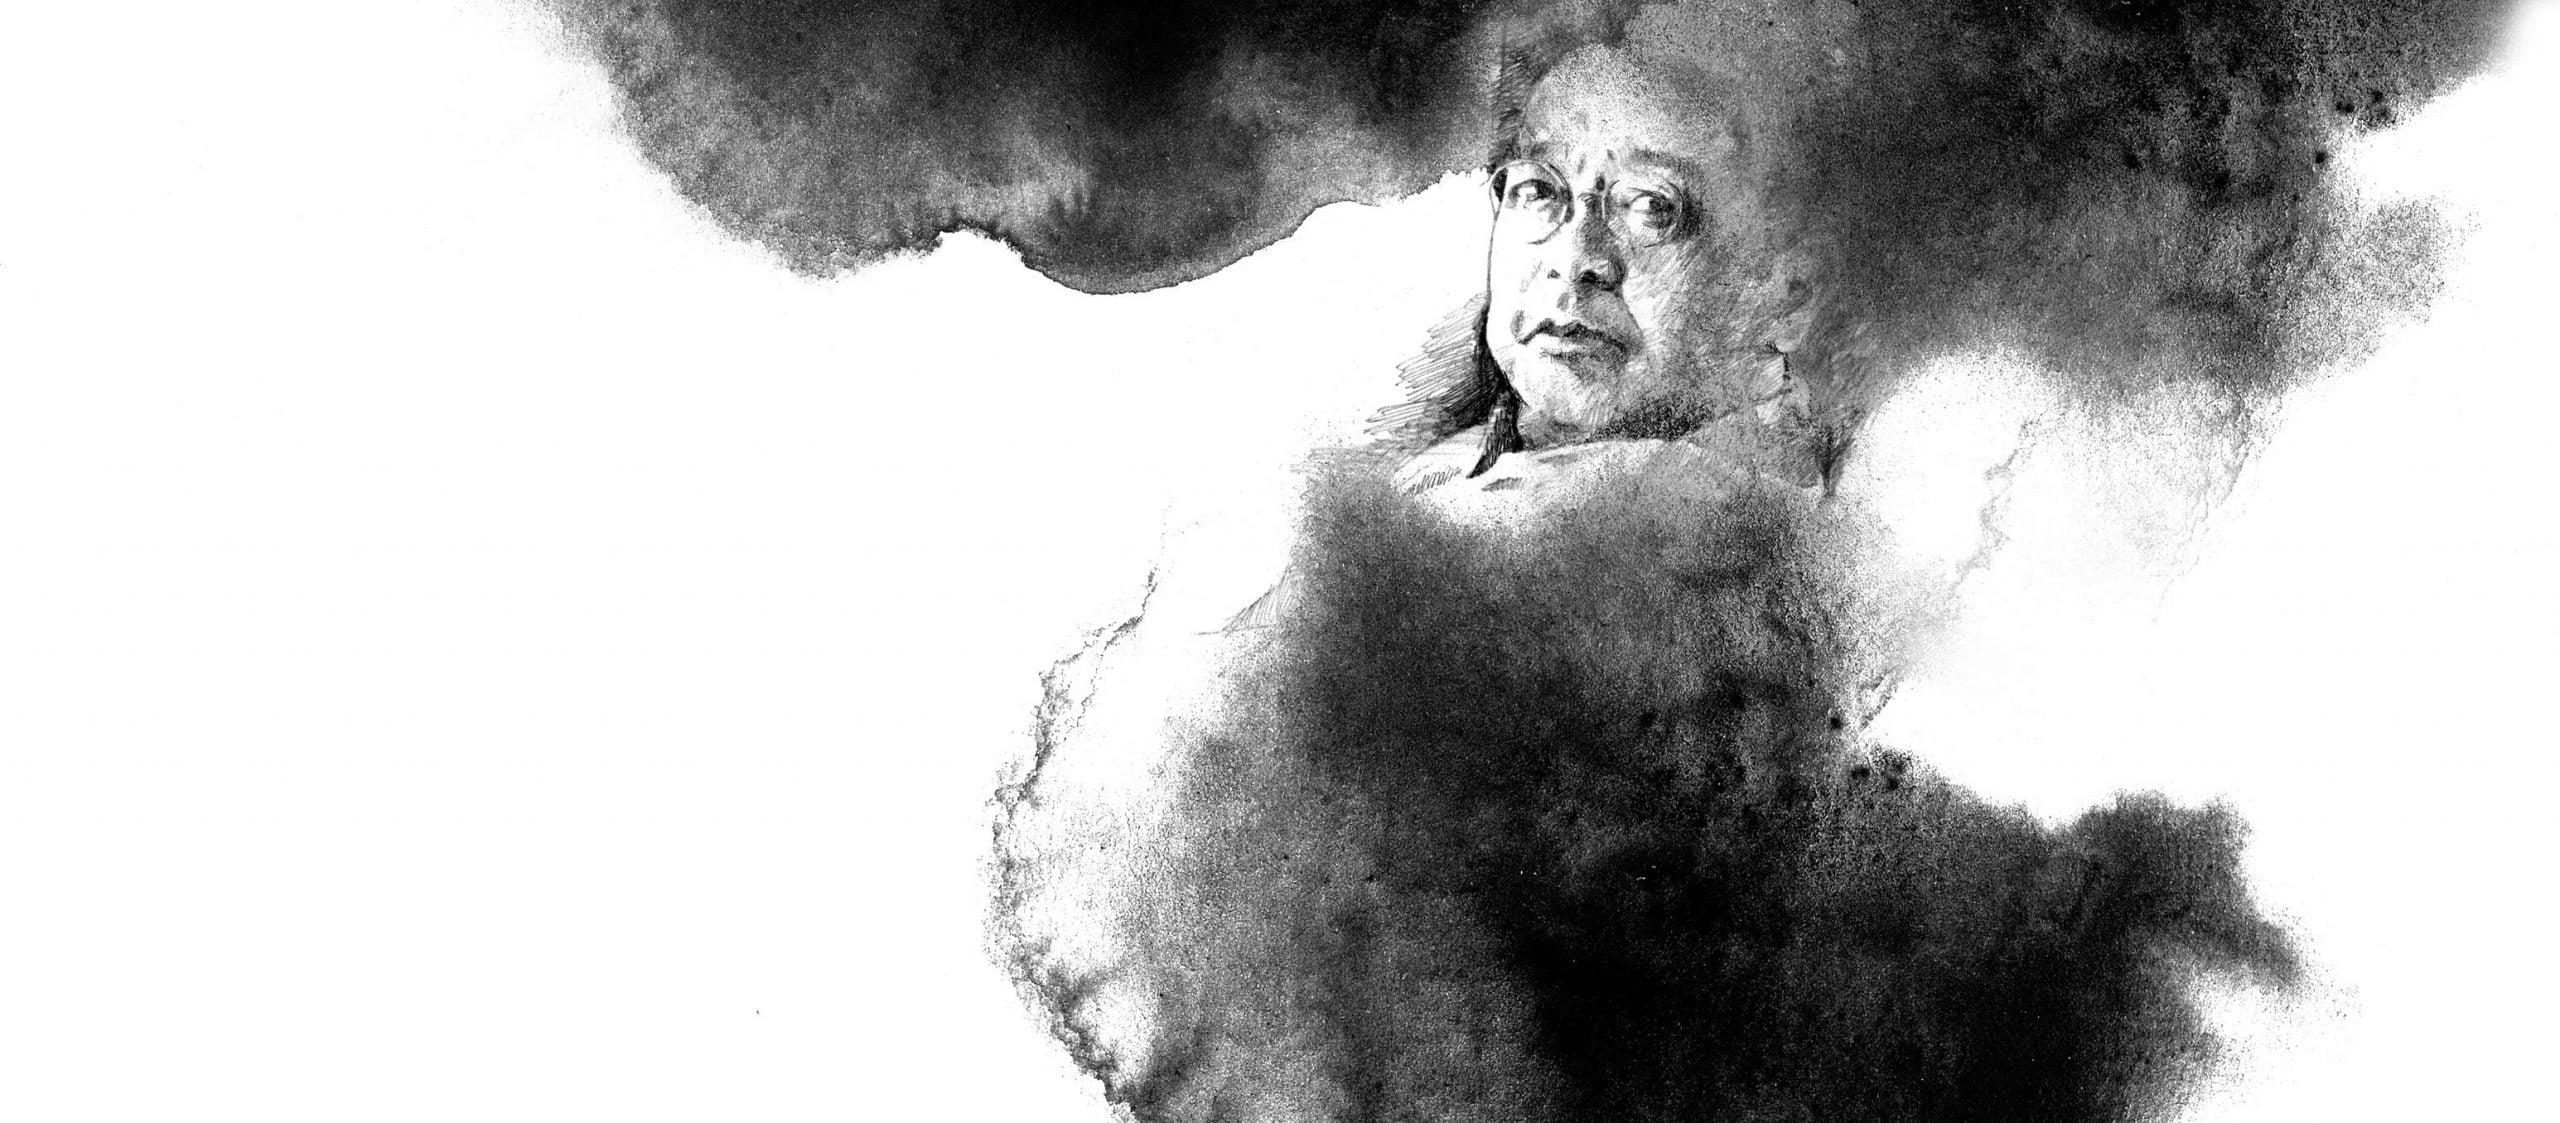 第一届游川诗歌朗诵比赛